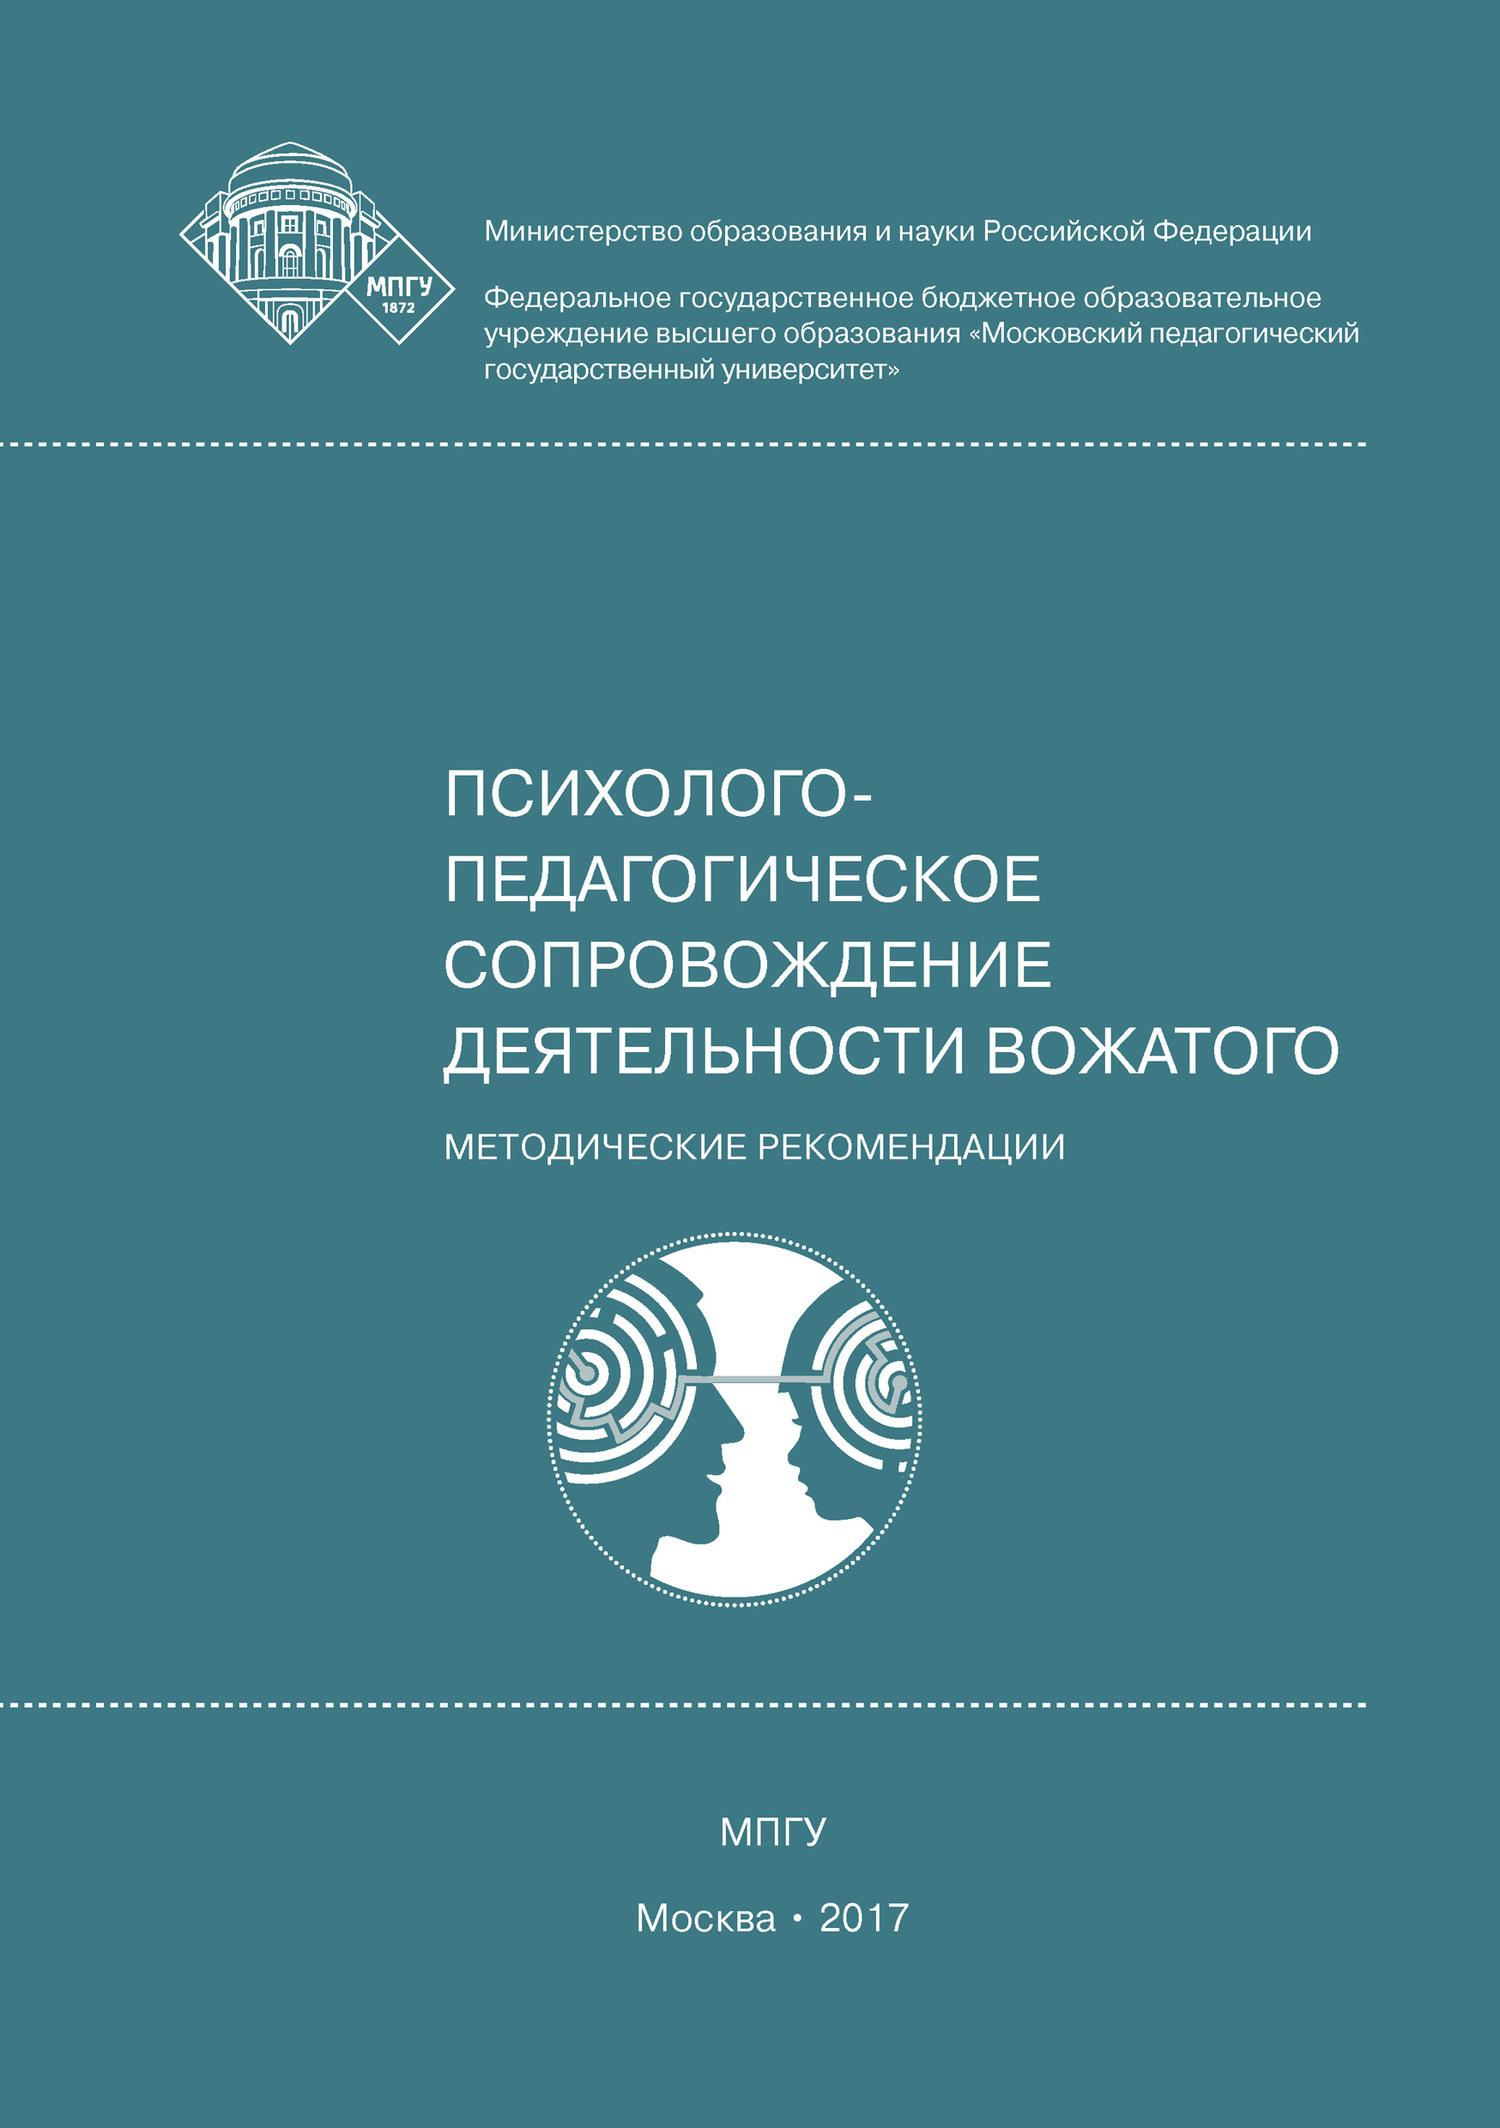 Елена Леванова, Светлана Морозюк - Психолого-педагогическое сопровождение деятельности вожатого